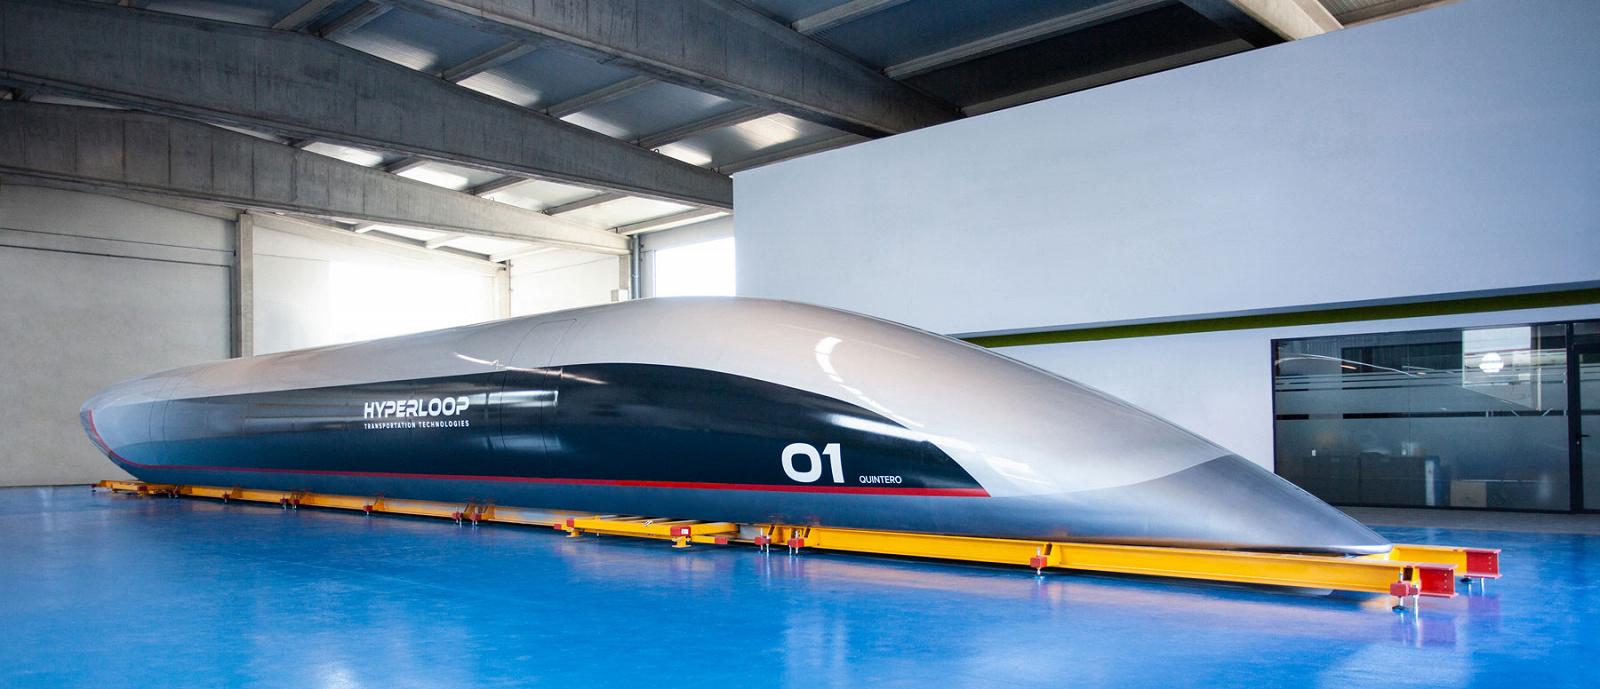 Перша лінія Hyperloop відкриється в 2022 році 7